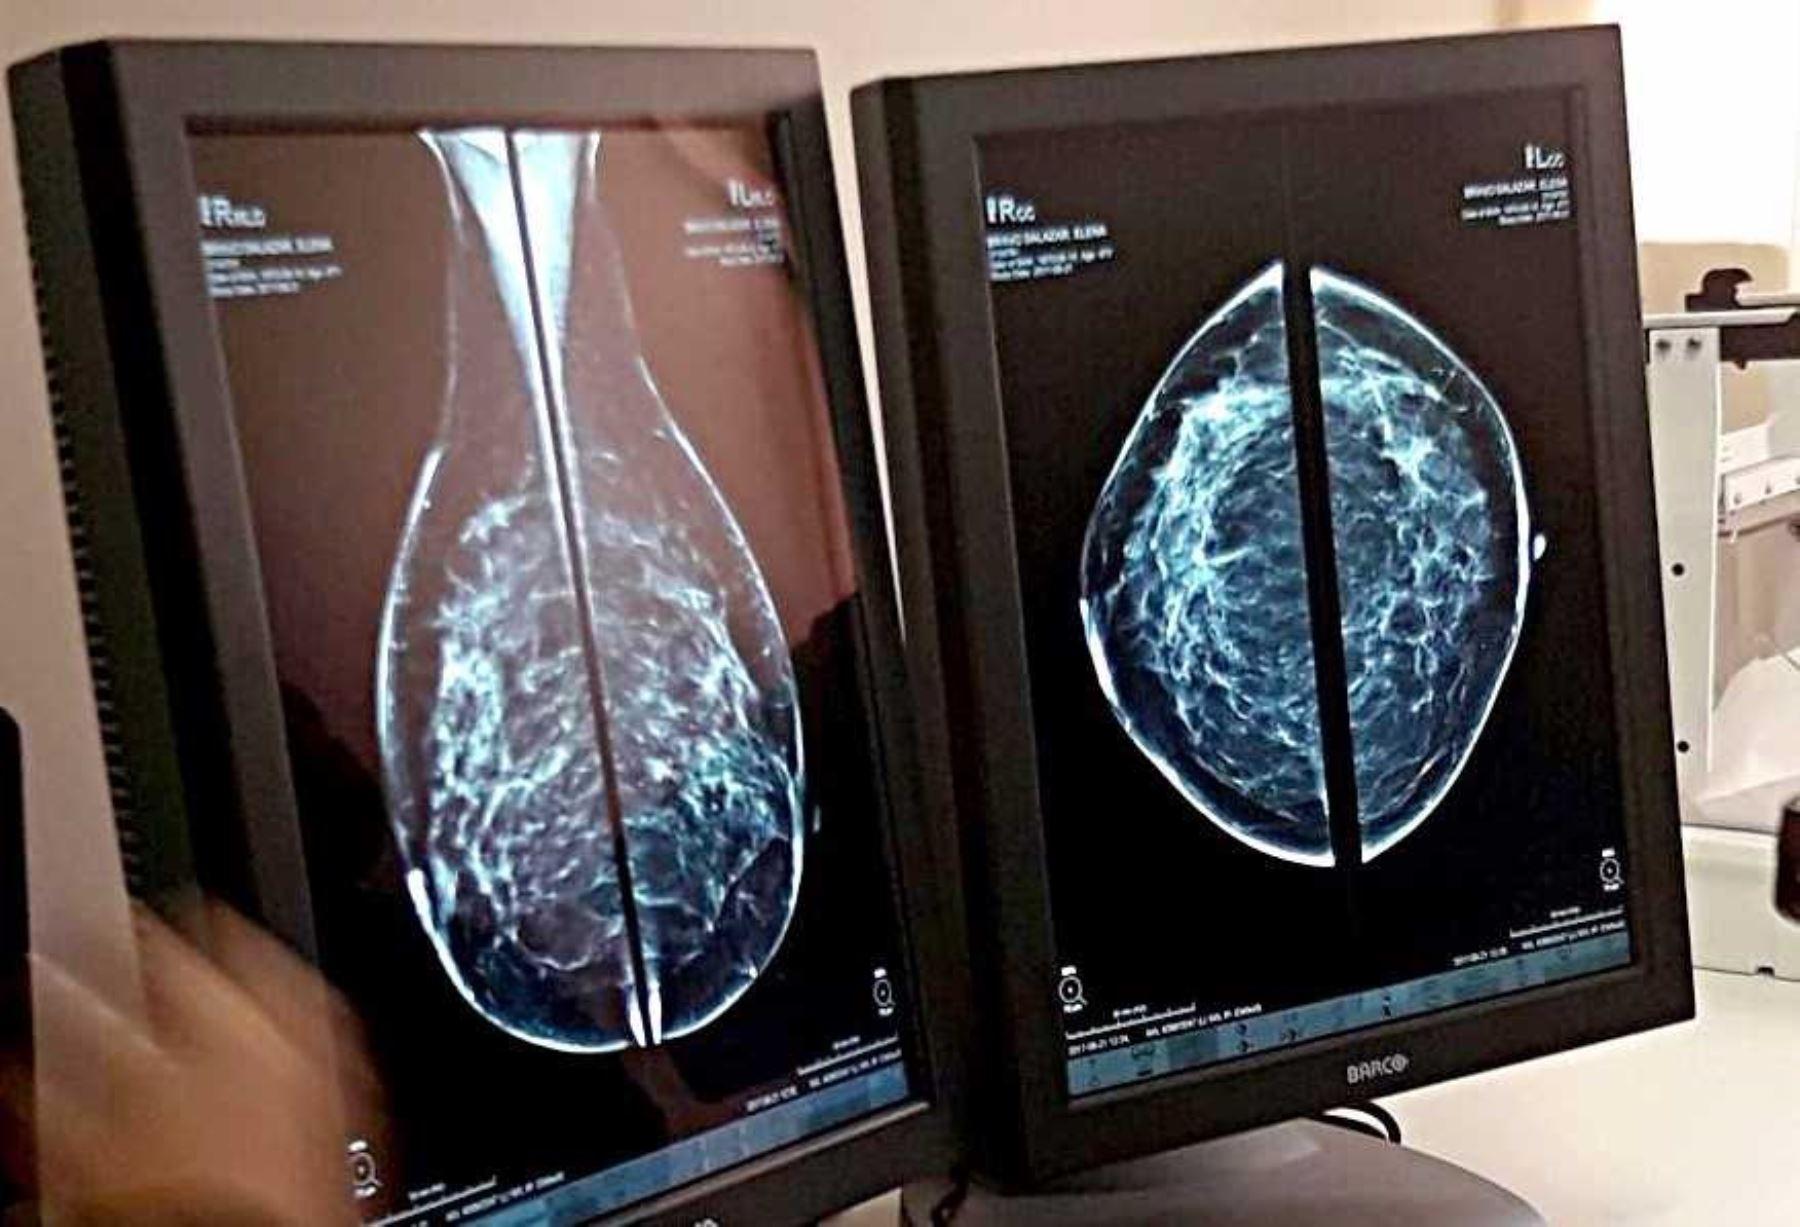 Las regiones de Junín y Puno lideran el acceso a las telemamografías para el diagnóstico oportuno del cáncer de mama, servicio del Ministerio de Salud (Minsa) que registra hasta ahora 1,056 atenciones a igual número de pacientes mujeres a escala nacional.